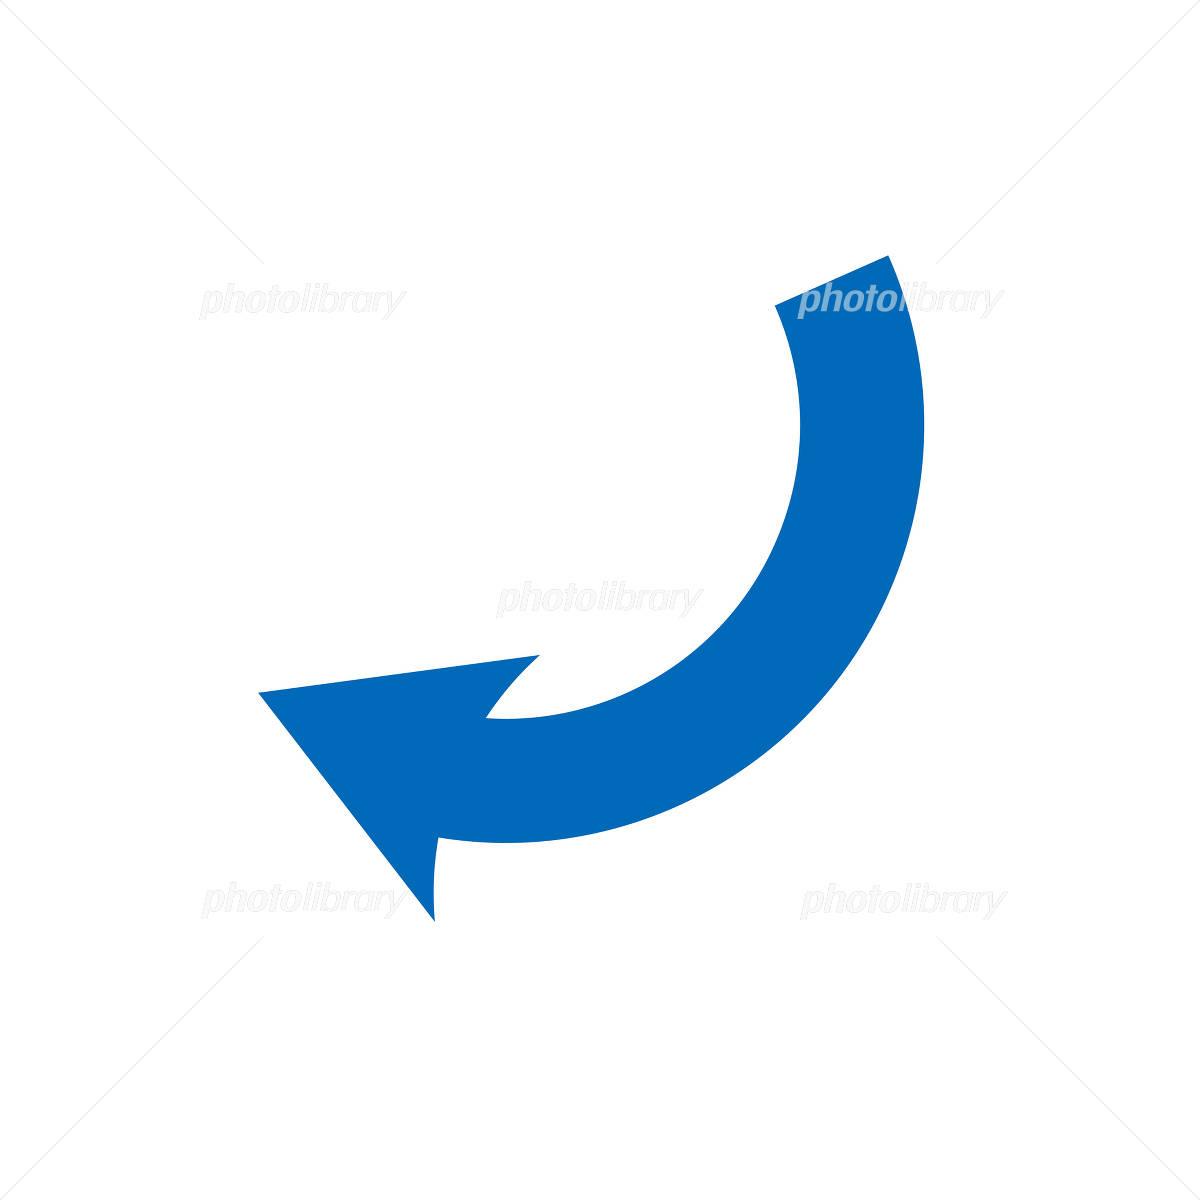 青い矢印のイラスト イラスト素材 1354594 フォトライブラリー